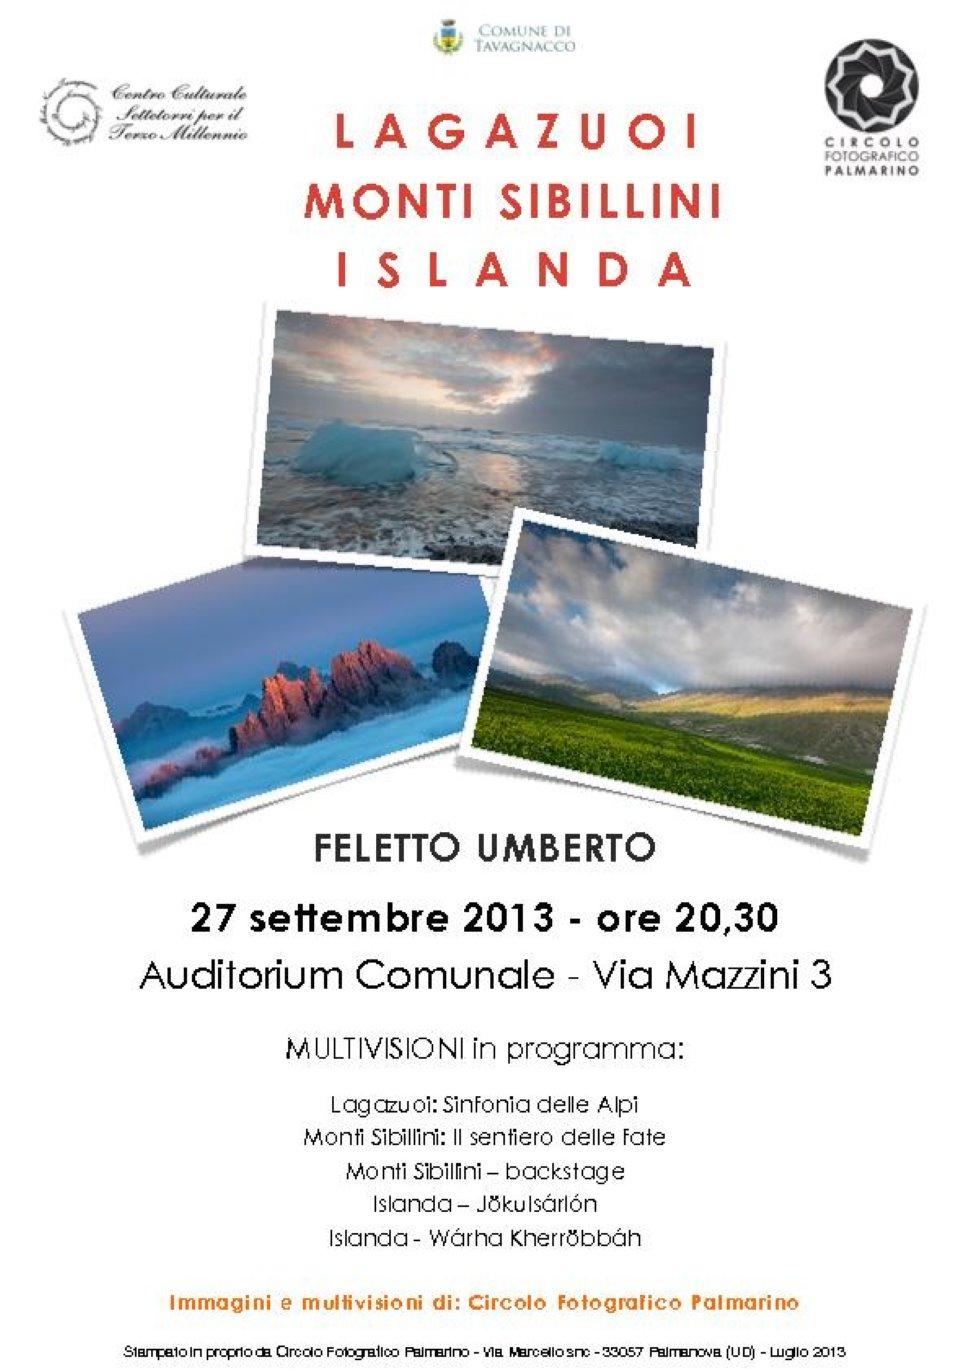 Lagazuoi, Sinfonia delle Alpi - Monti Sibillini - Islanda: I viaggi del CFP - Grande serata di multivisioni